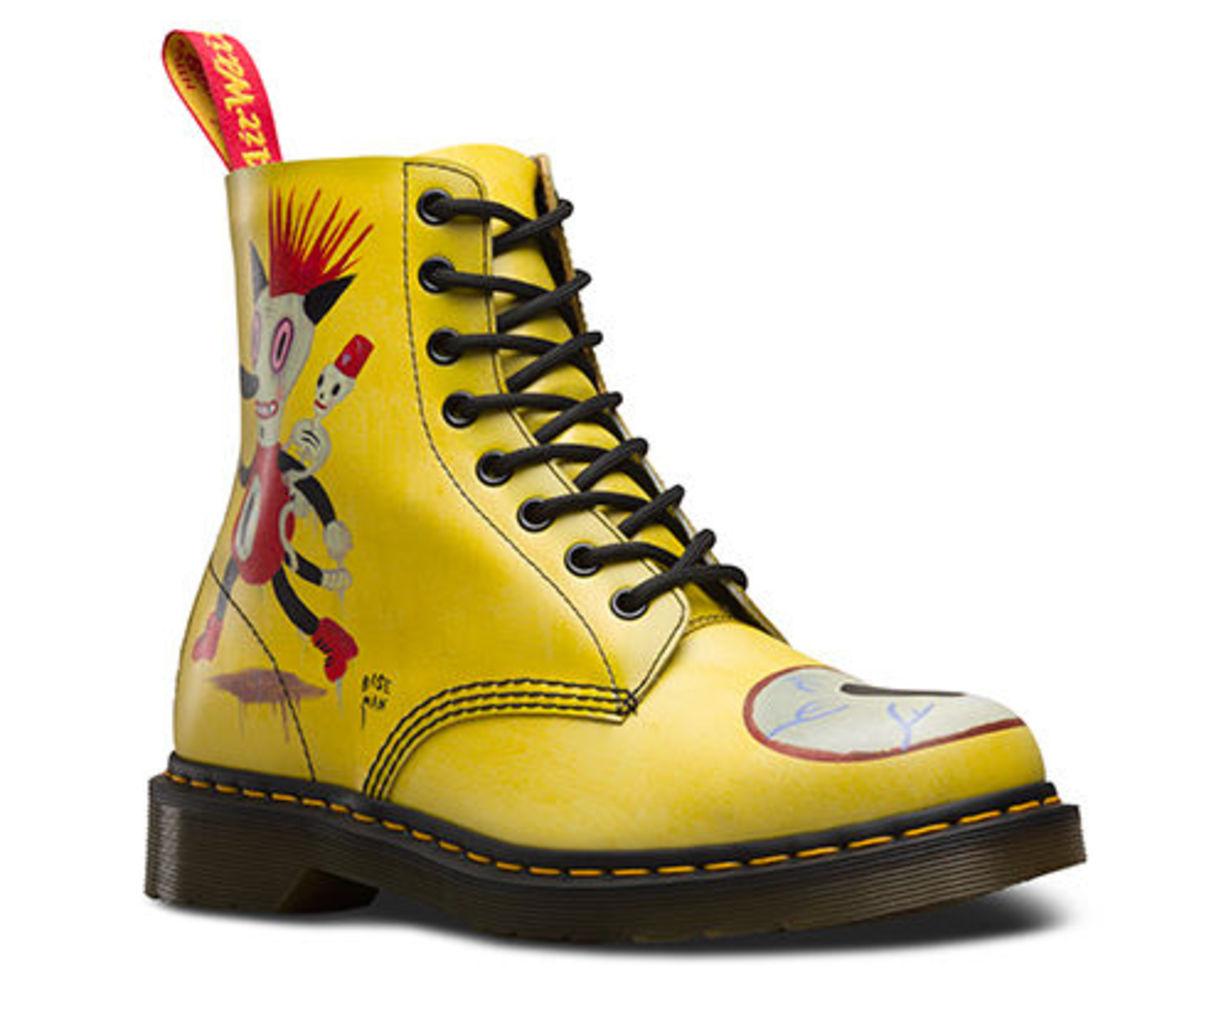 Baseman Pascal Boot